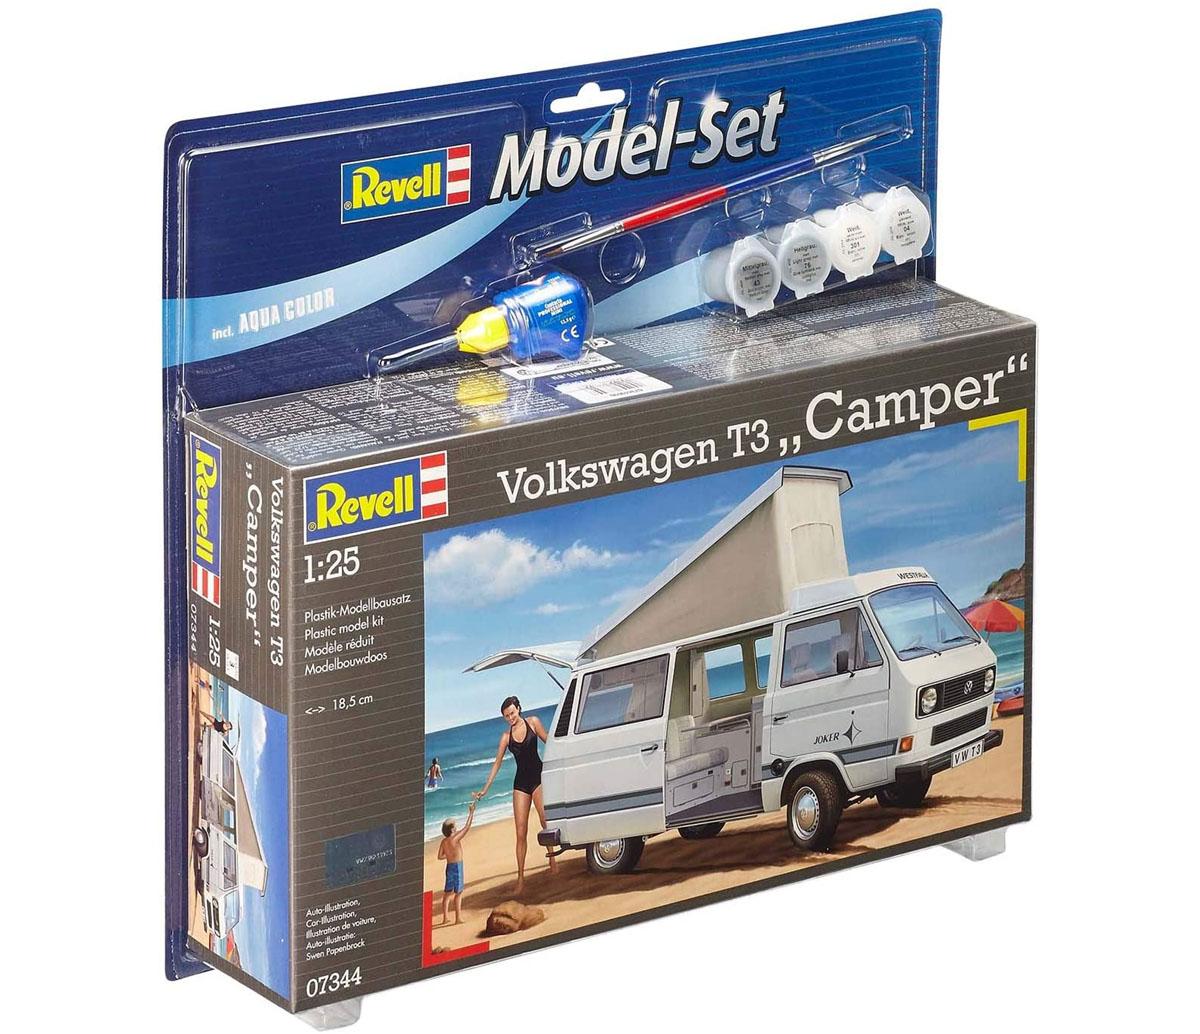 """Model-Set Volkswagen T3 """"Camper"""" - 1/25 - Revell 67344  - BLIMPS COMÉRCIO ELETRÔNICO"""